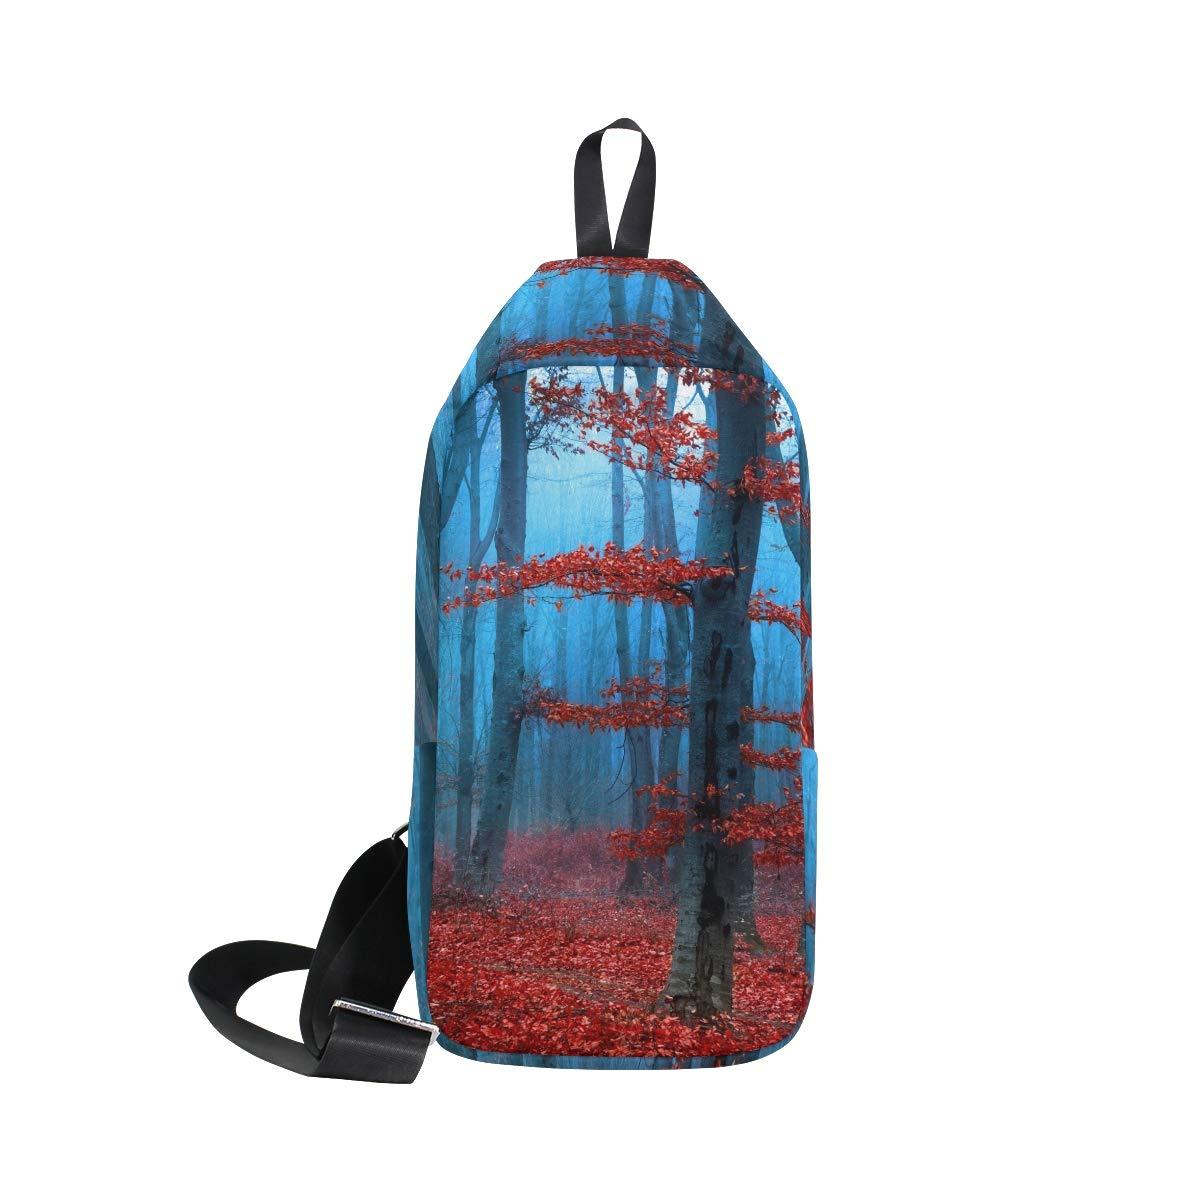 TFONE Autumn Fall Maple Leaf Crossbody Bag Lightweight Chest Shoulder Messenger Pack Backpack Sling Bag